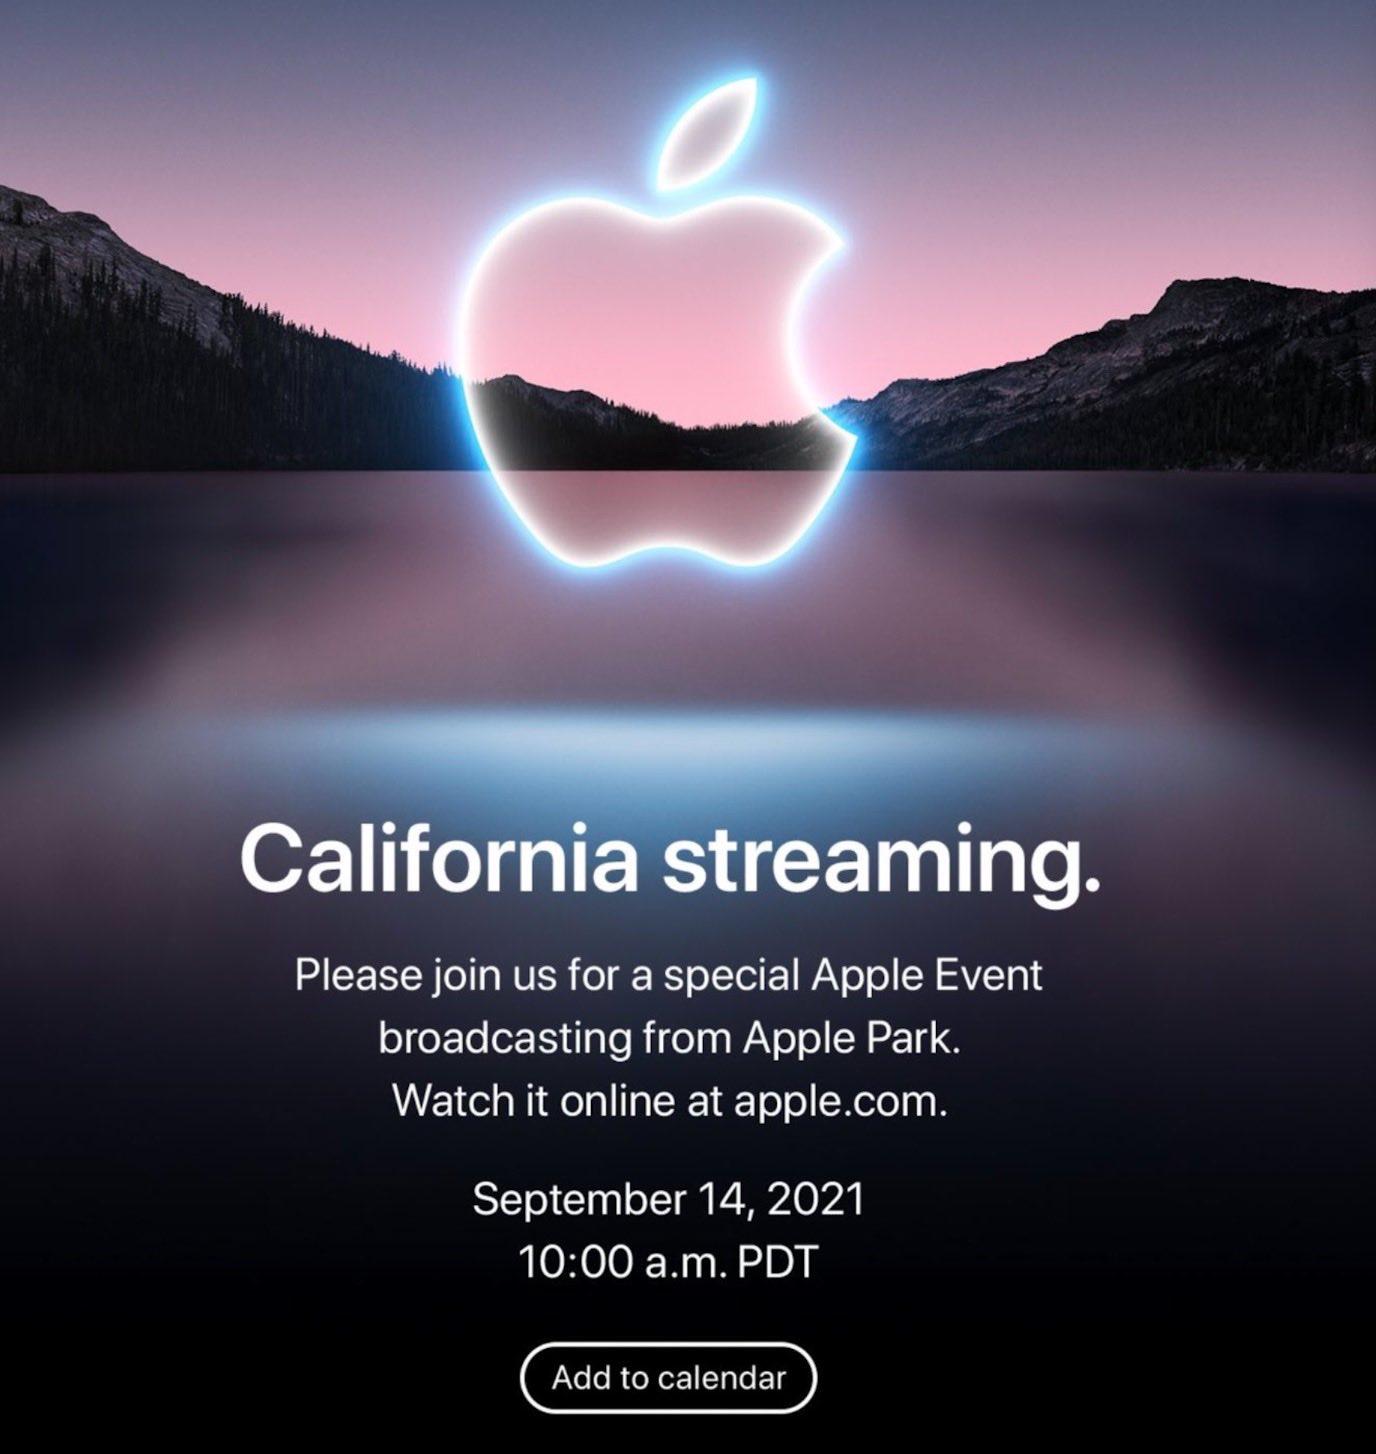 Oficjalnie: Apple zaprasza na prezentację iPhone 13 ciekawostki prezentacja iphone 13 pro, prezentacja iphone 13 mini, prezentacja iPhone 13, oficjalna data prezentacji iphone 13, oficjalna data premiery iphone 13 pro, konferencja apple z iphone 13, konferencja Apple, kiedy prezenatcja iphone 13, iphone 13 pro mini, iPhone 13 Pro max, data prezentacji iphone 13 pro, data prezentacji iphone 13, Apple  Stało się! Na ten dzień czekało wielu z Was. Apple oficjalnie podało datę prezentacji swoich nowych smartfonów. Prezentacja iPhone 13 / 13 Pro obędzie się w przyszłym tygodniu. ecent 1